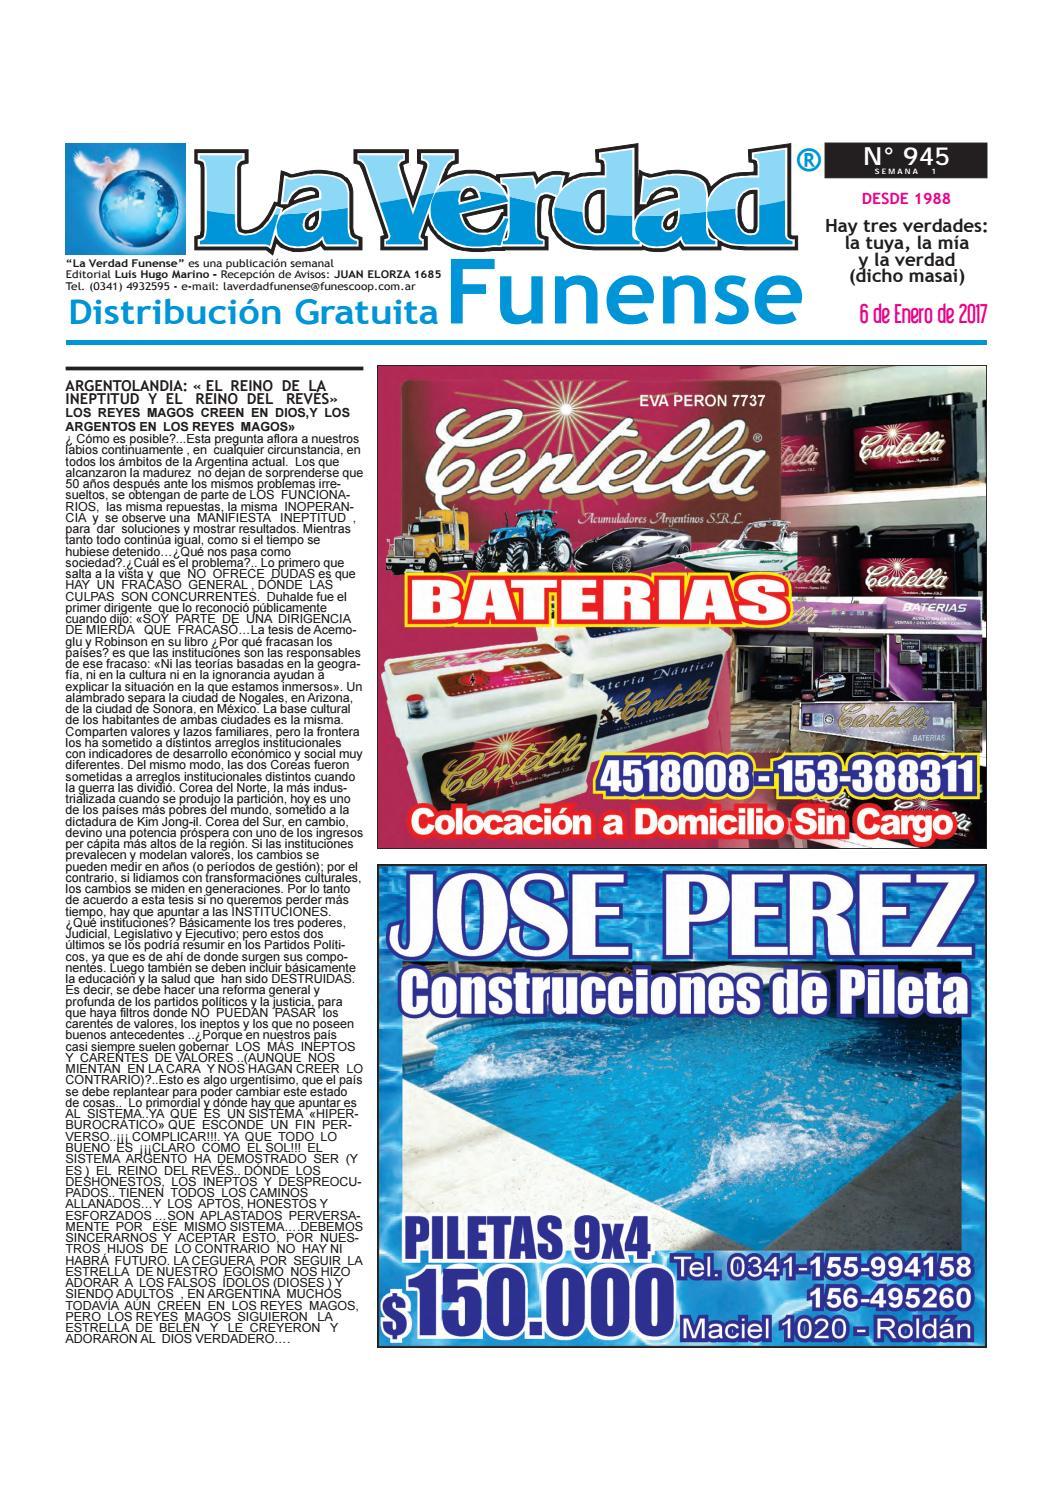 945 06 01 by La Verdad Funense - issuu 2e7ec6d940e3